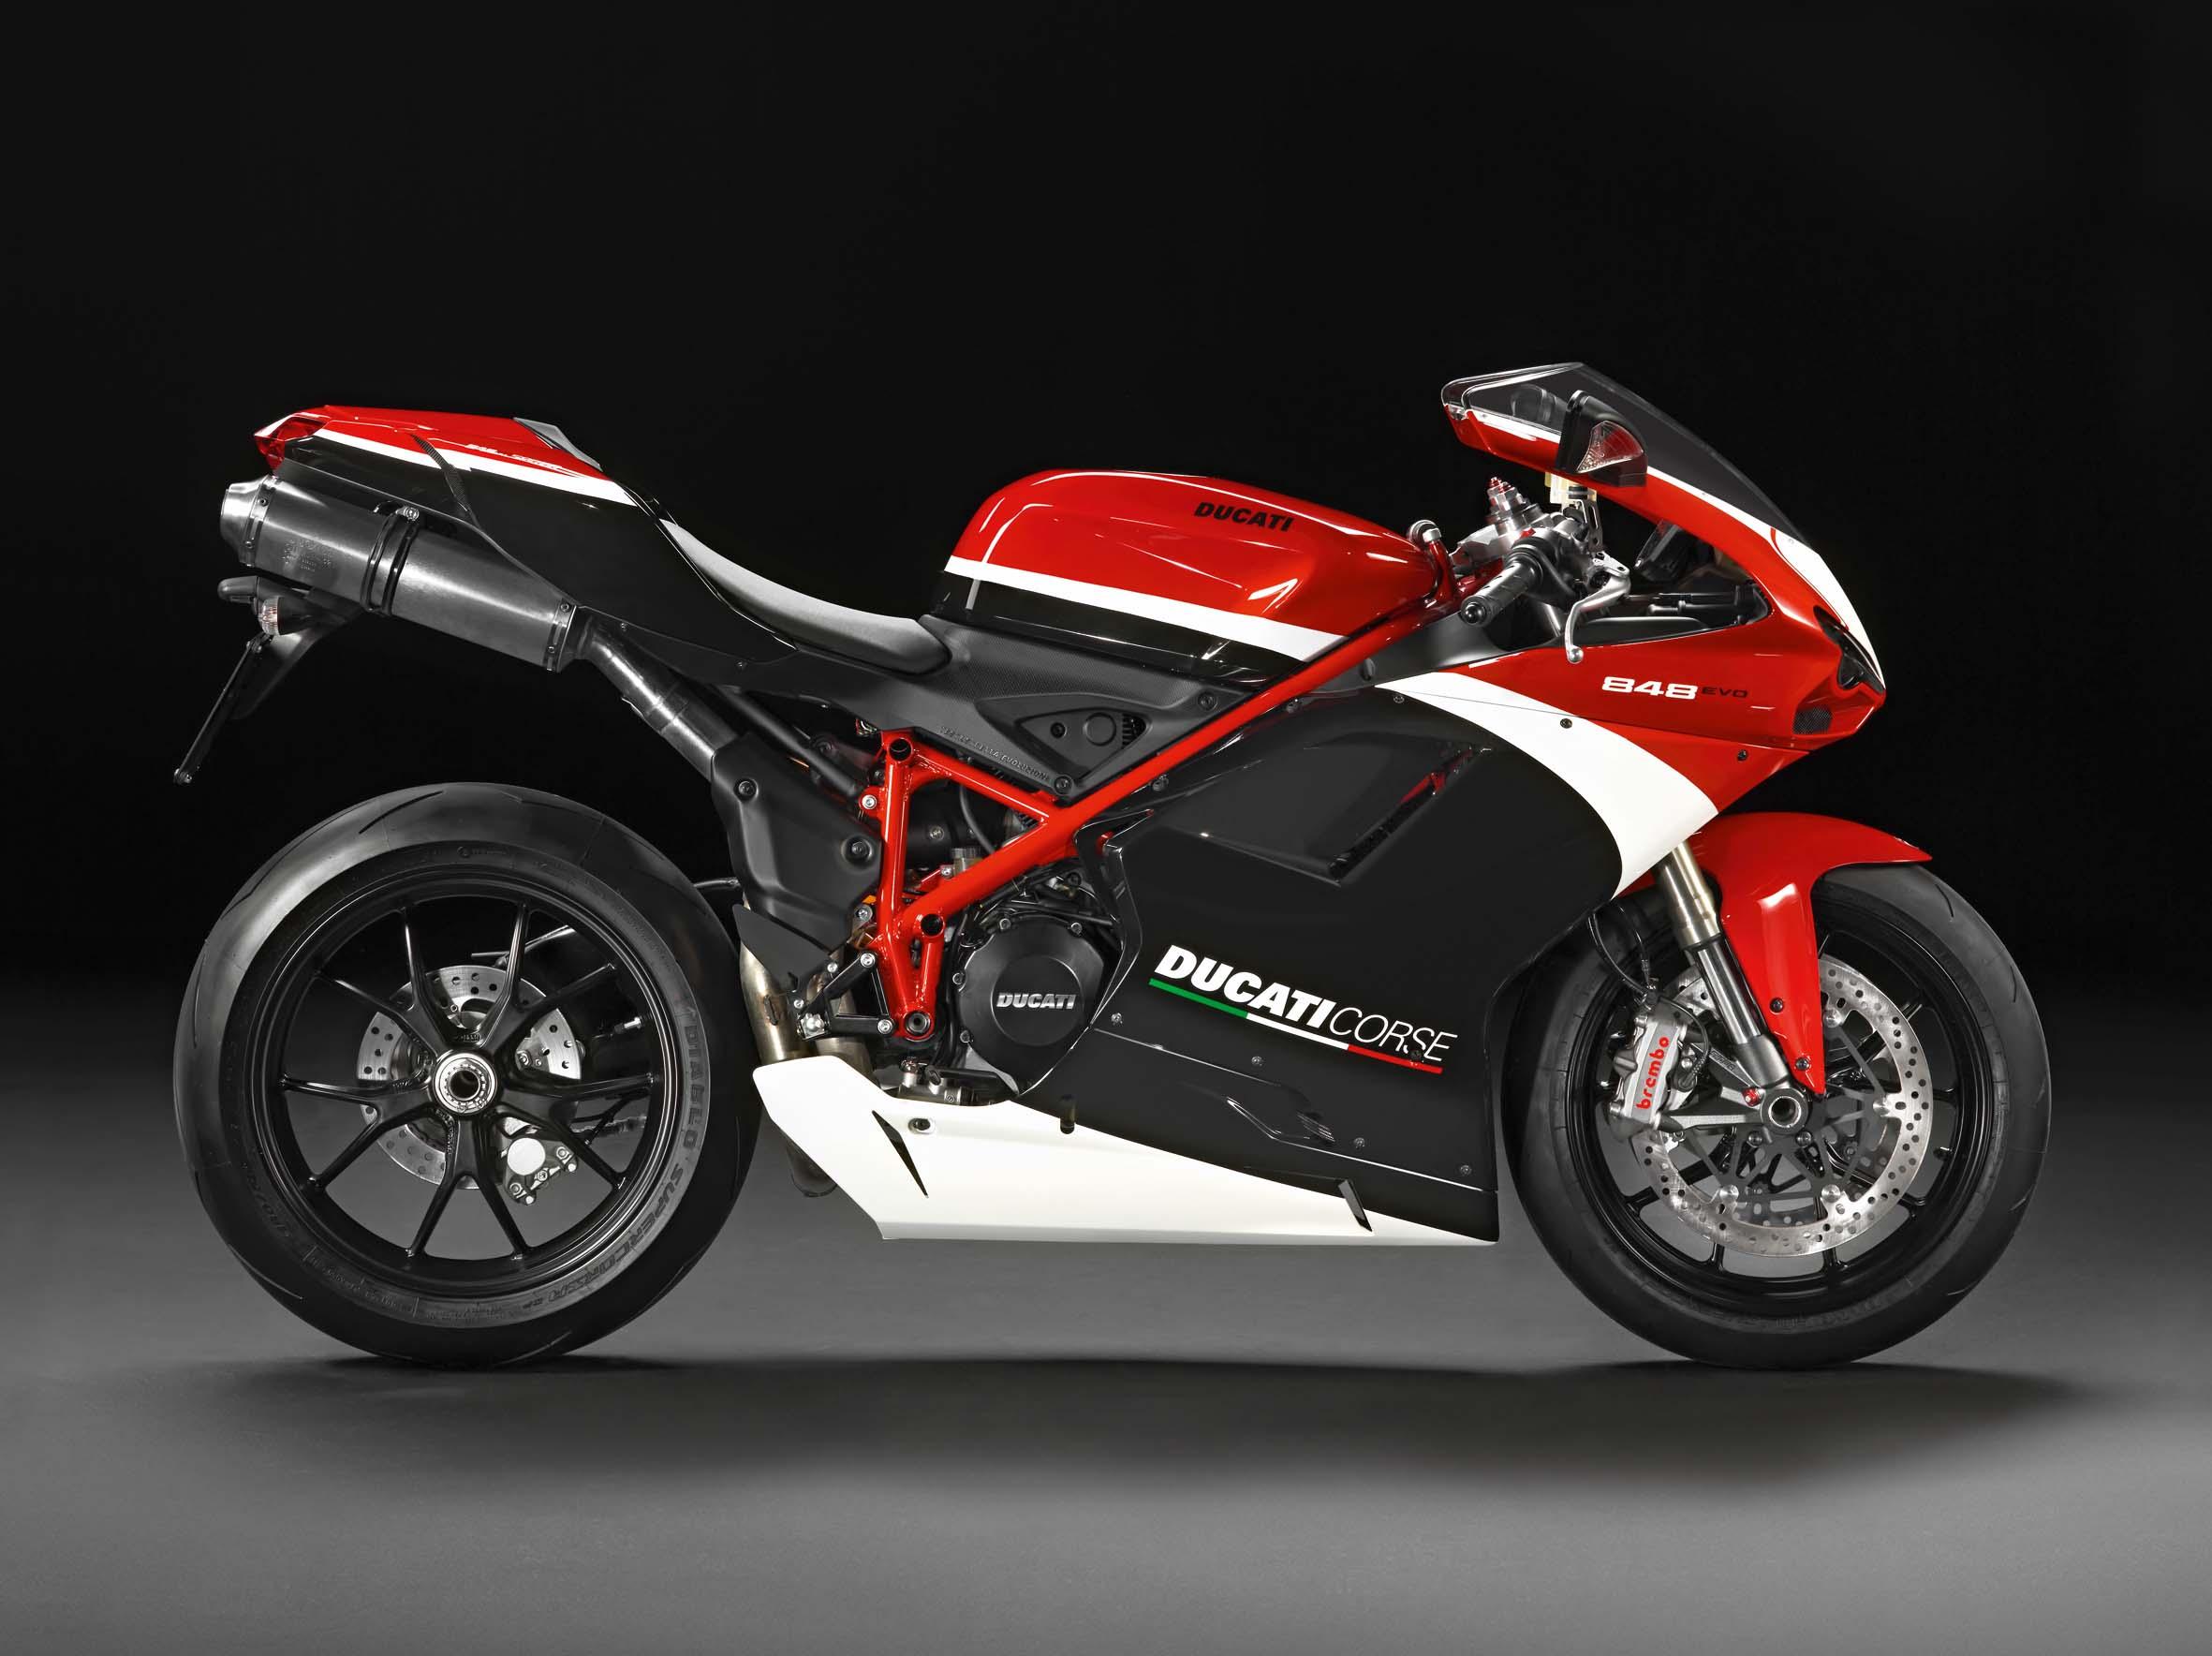 2012 Ducati Superbike 848 EVO Corse Special Edition - Asphalt & Rubber